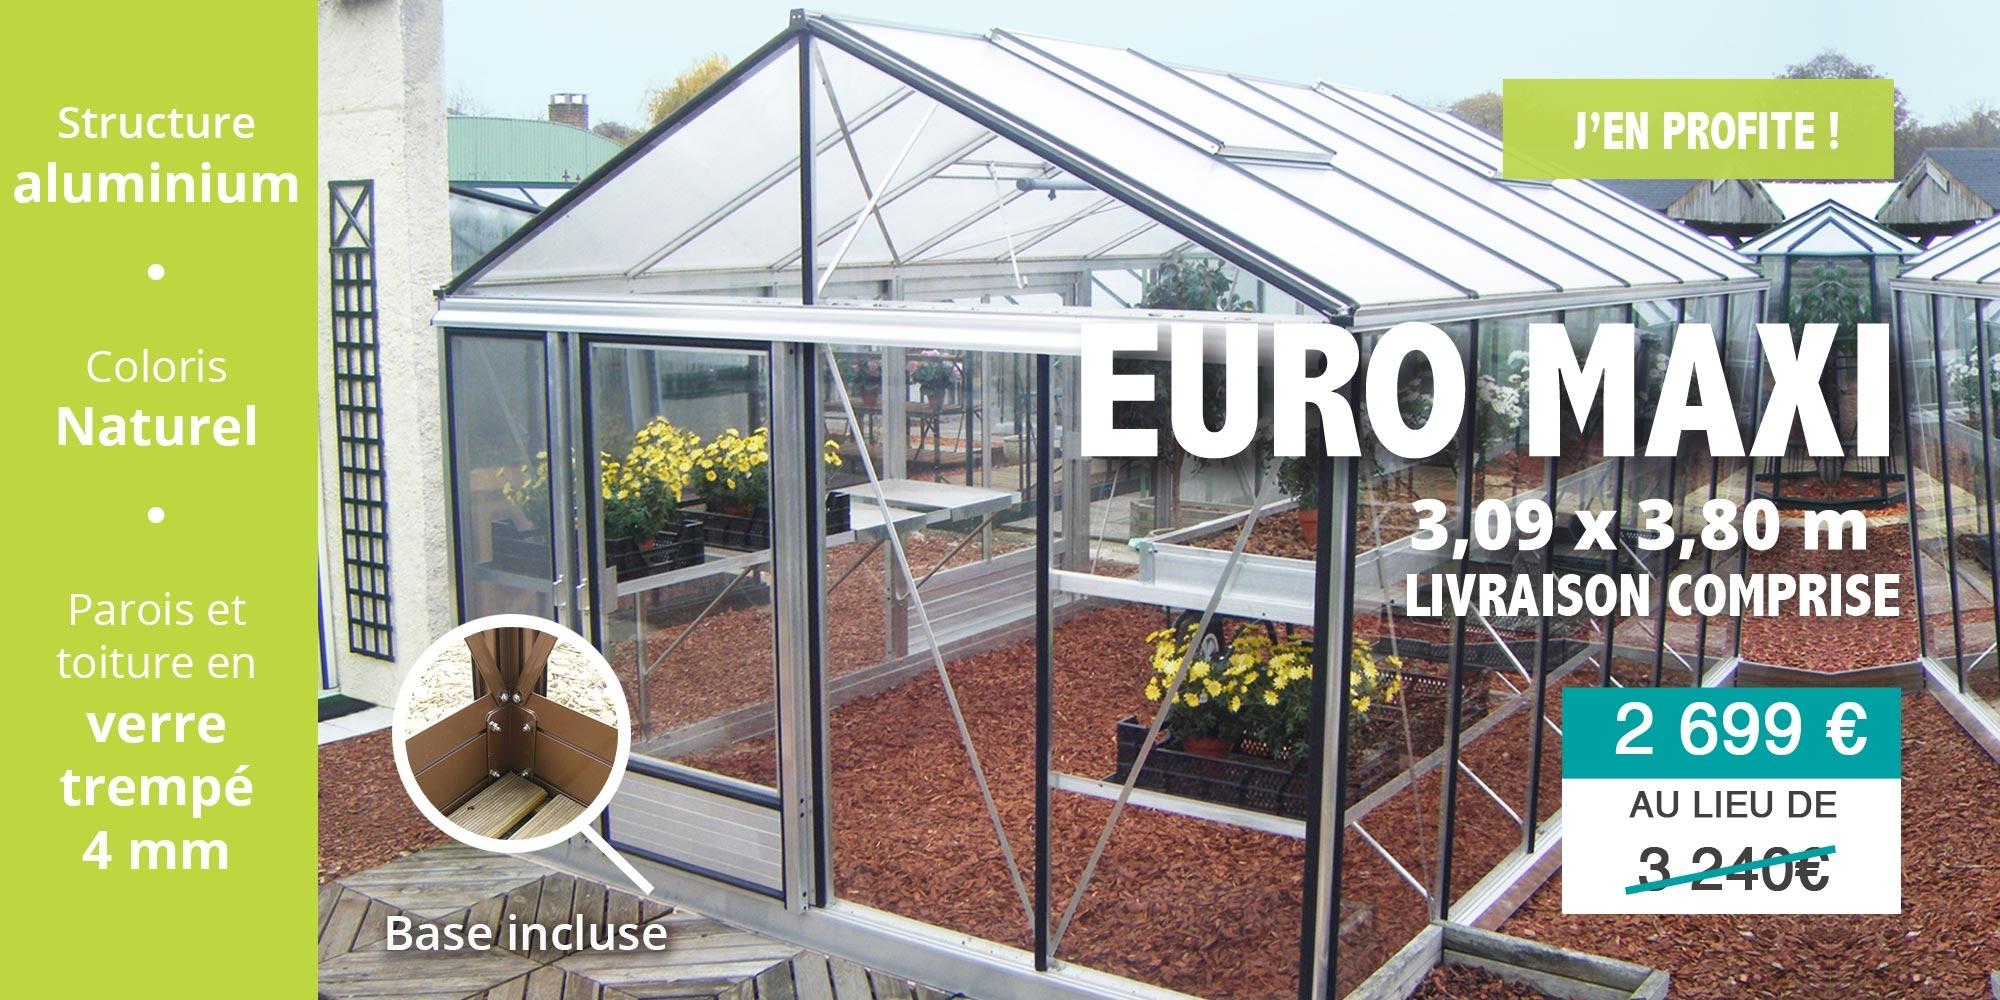 Serre Euro Maxi en promotion 3,09 x 3,80 m aluminium naturel